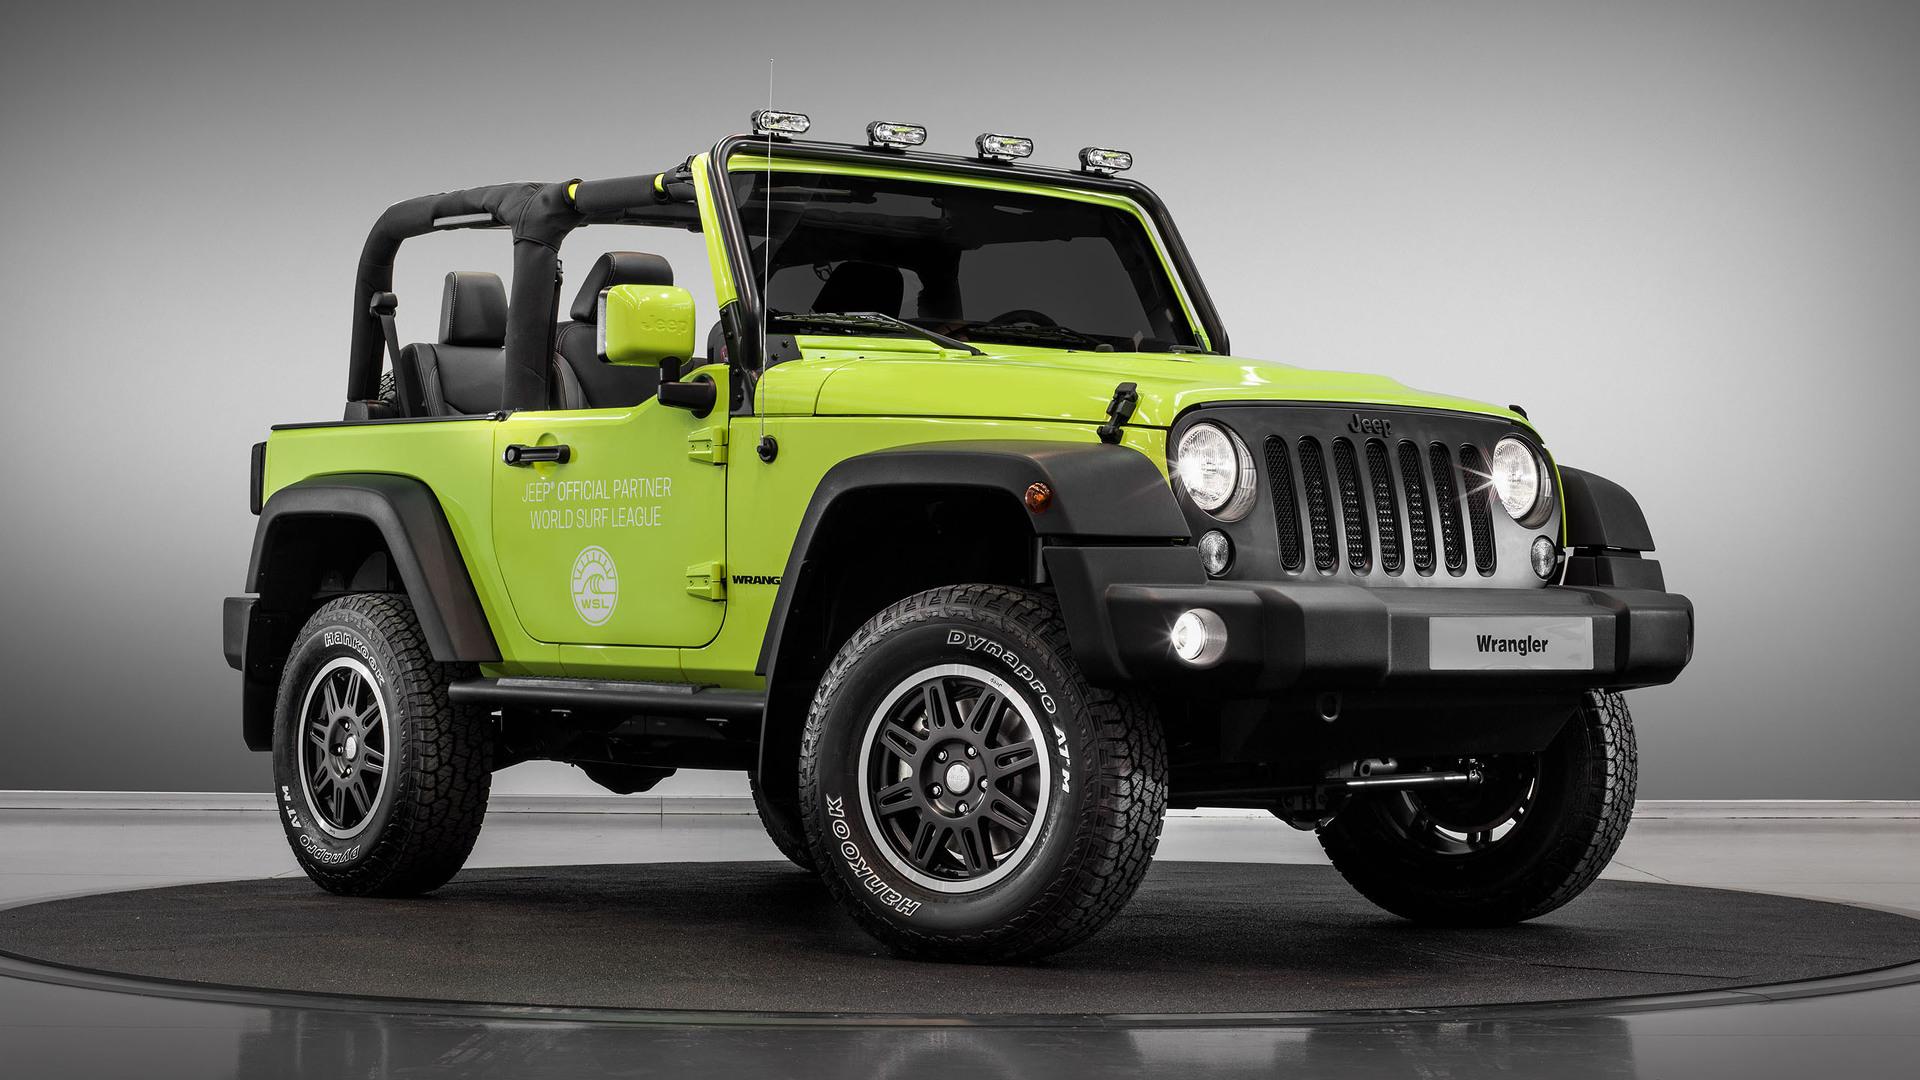 Jeep Wrangler Renegade >> Jeep Wrangler Rubicon And Renegade Receive Mopar Treatments